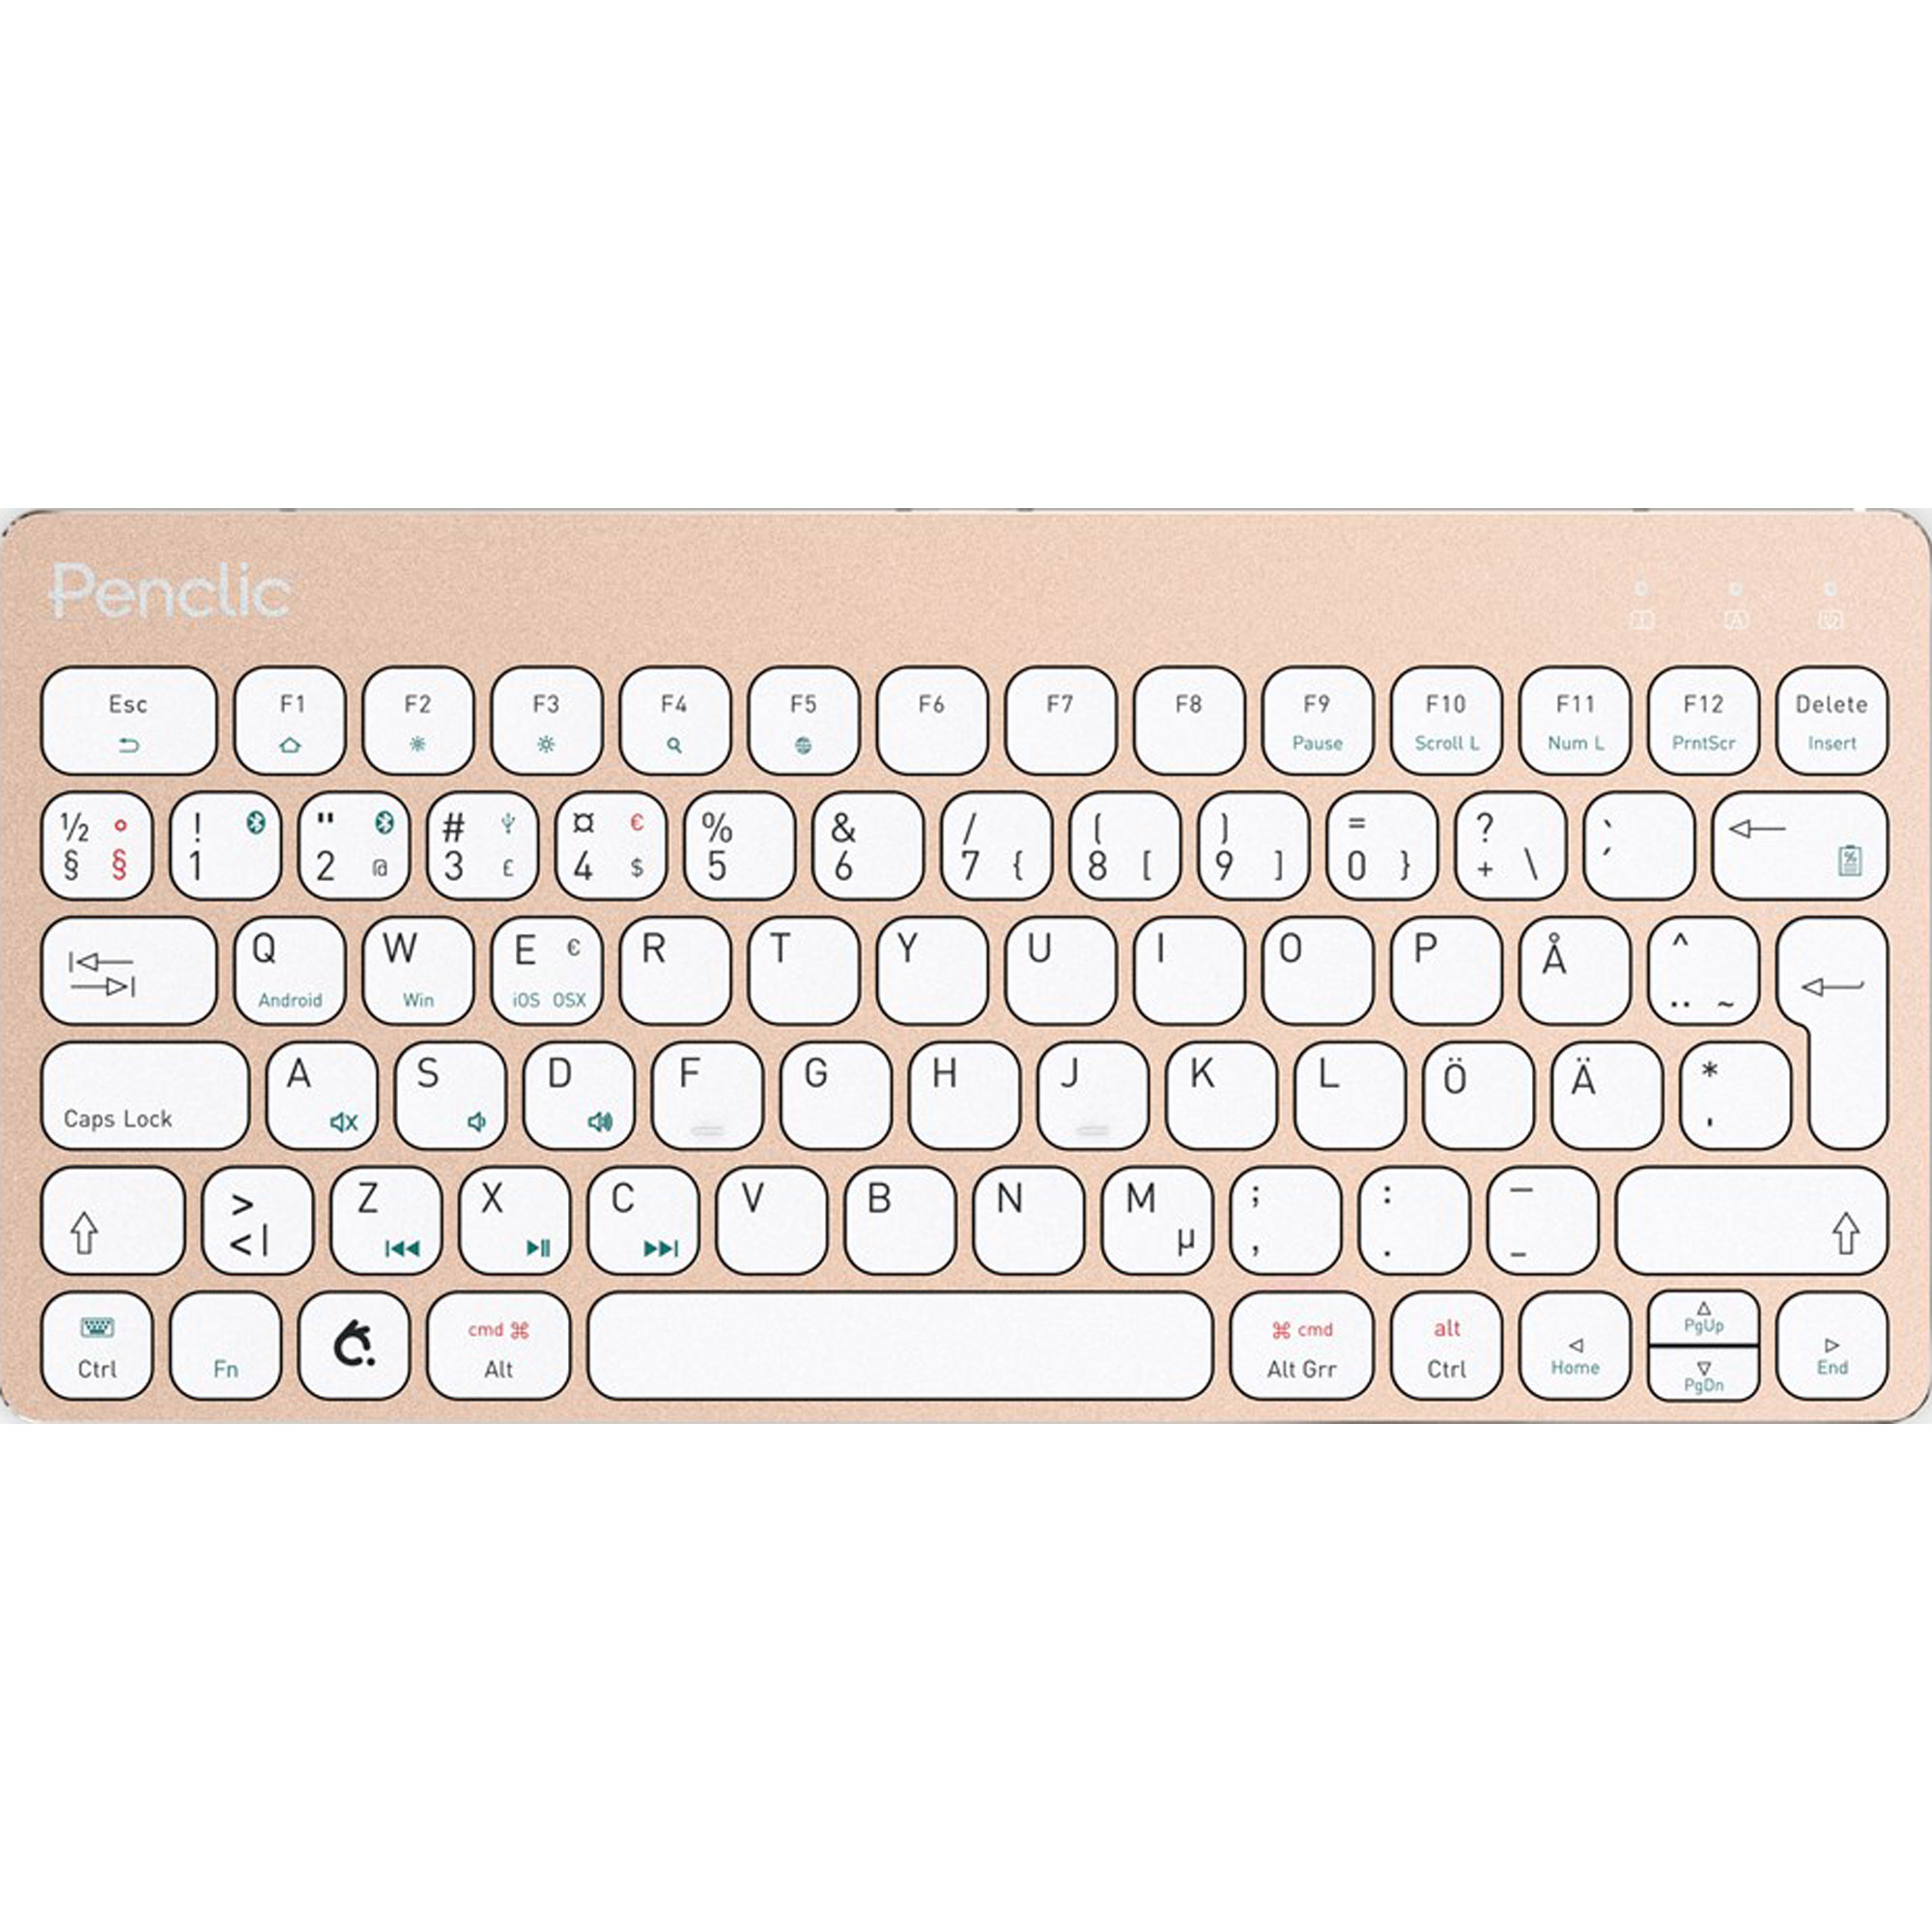 Prestige International Penclic 2058-US KB3 Mini keyboard (Bt/Wired)Gold